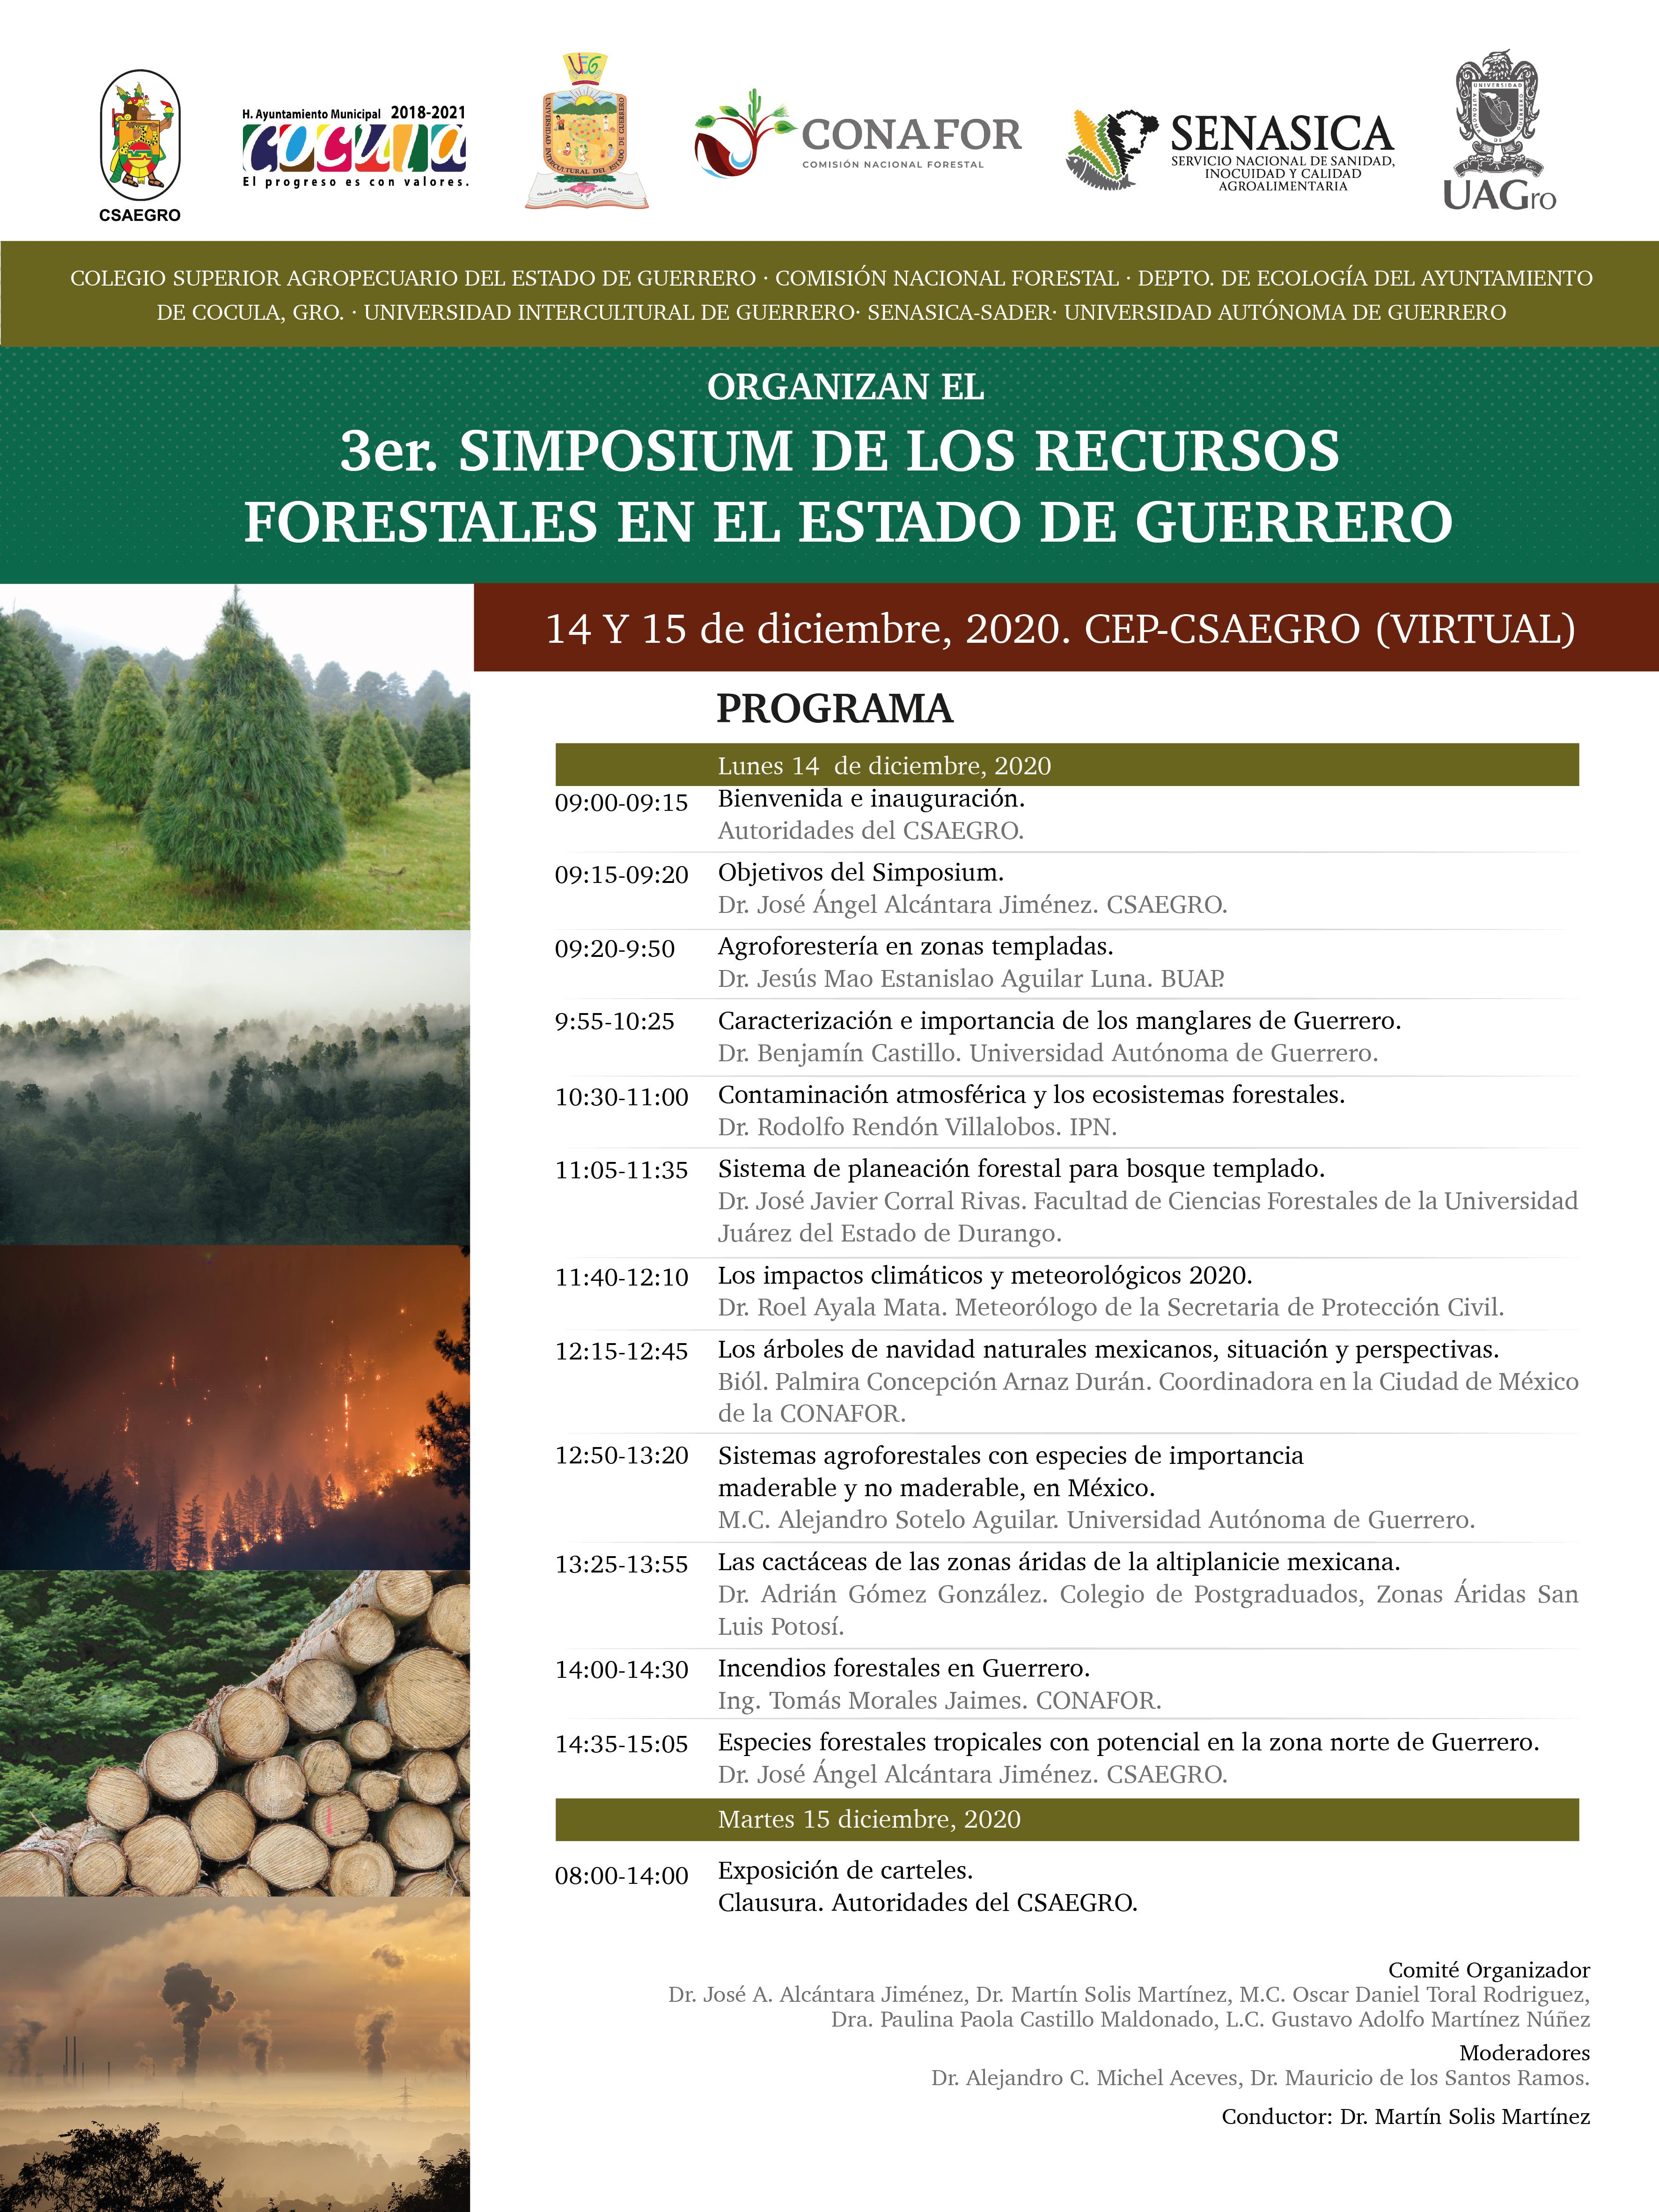 3er. Simposium de los Recursos Forestales en el Estado de Guerrero